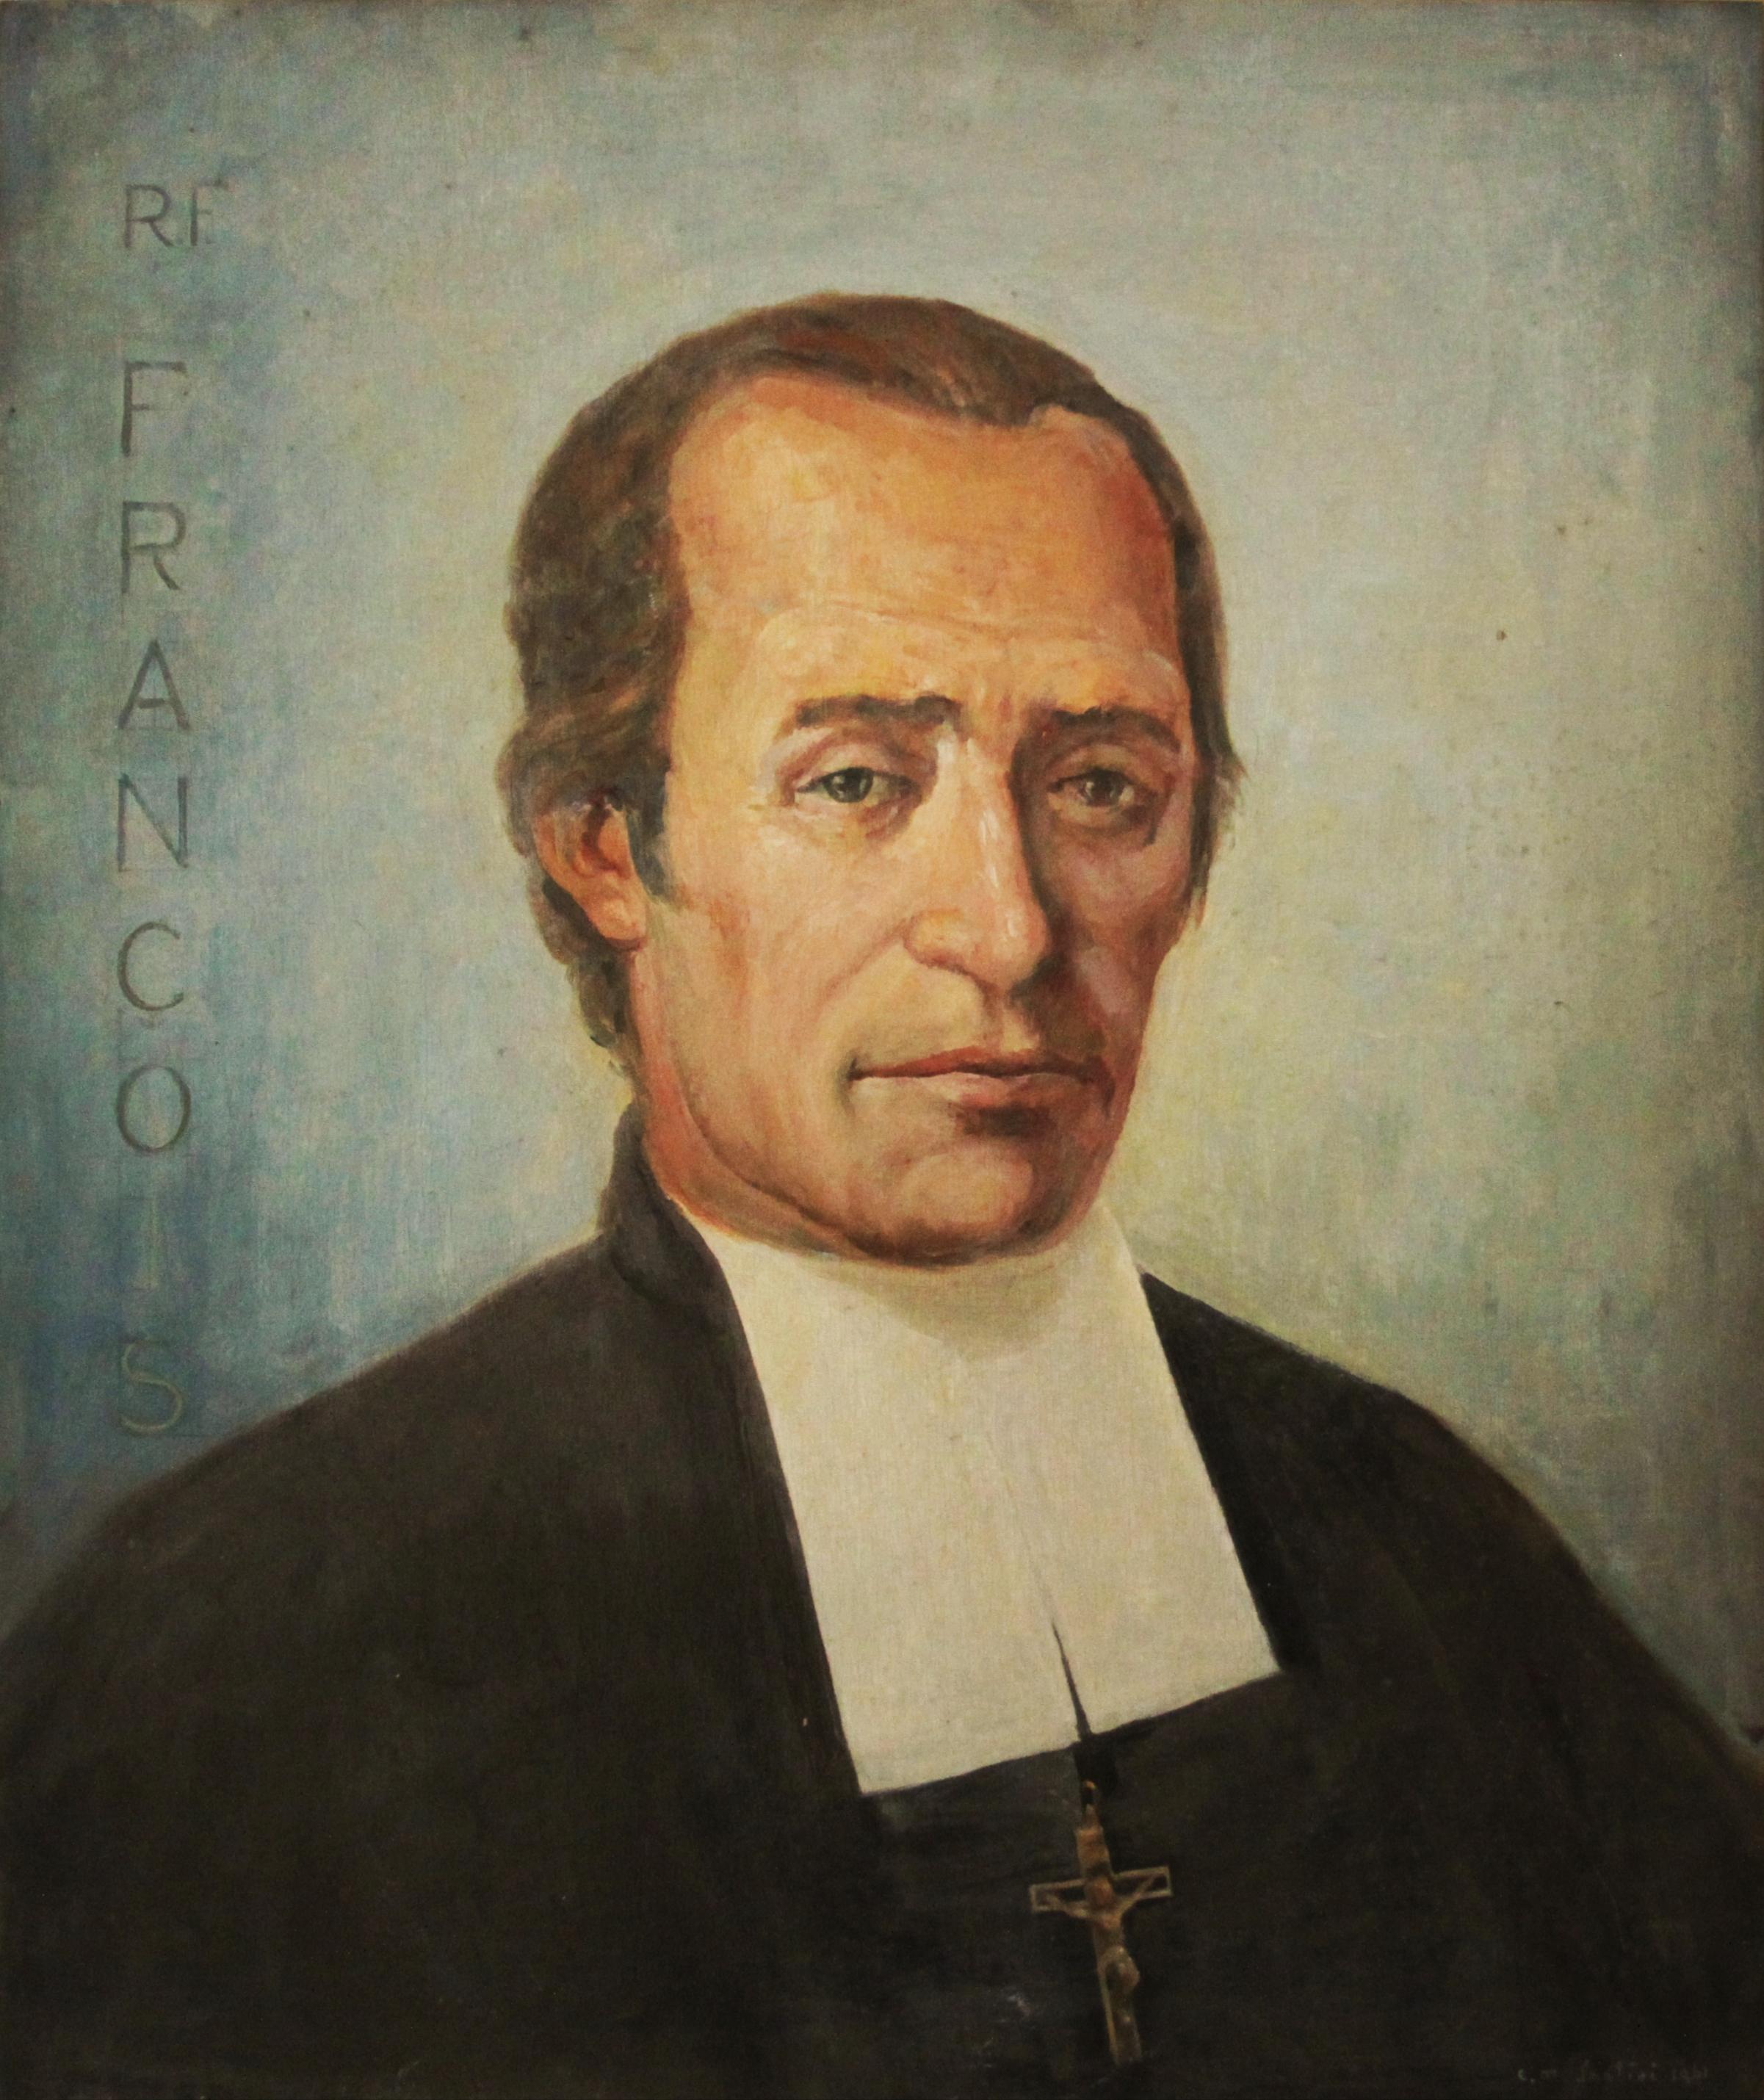 François,